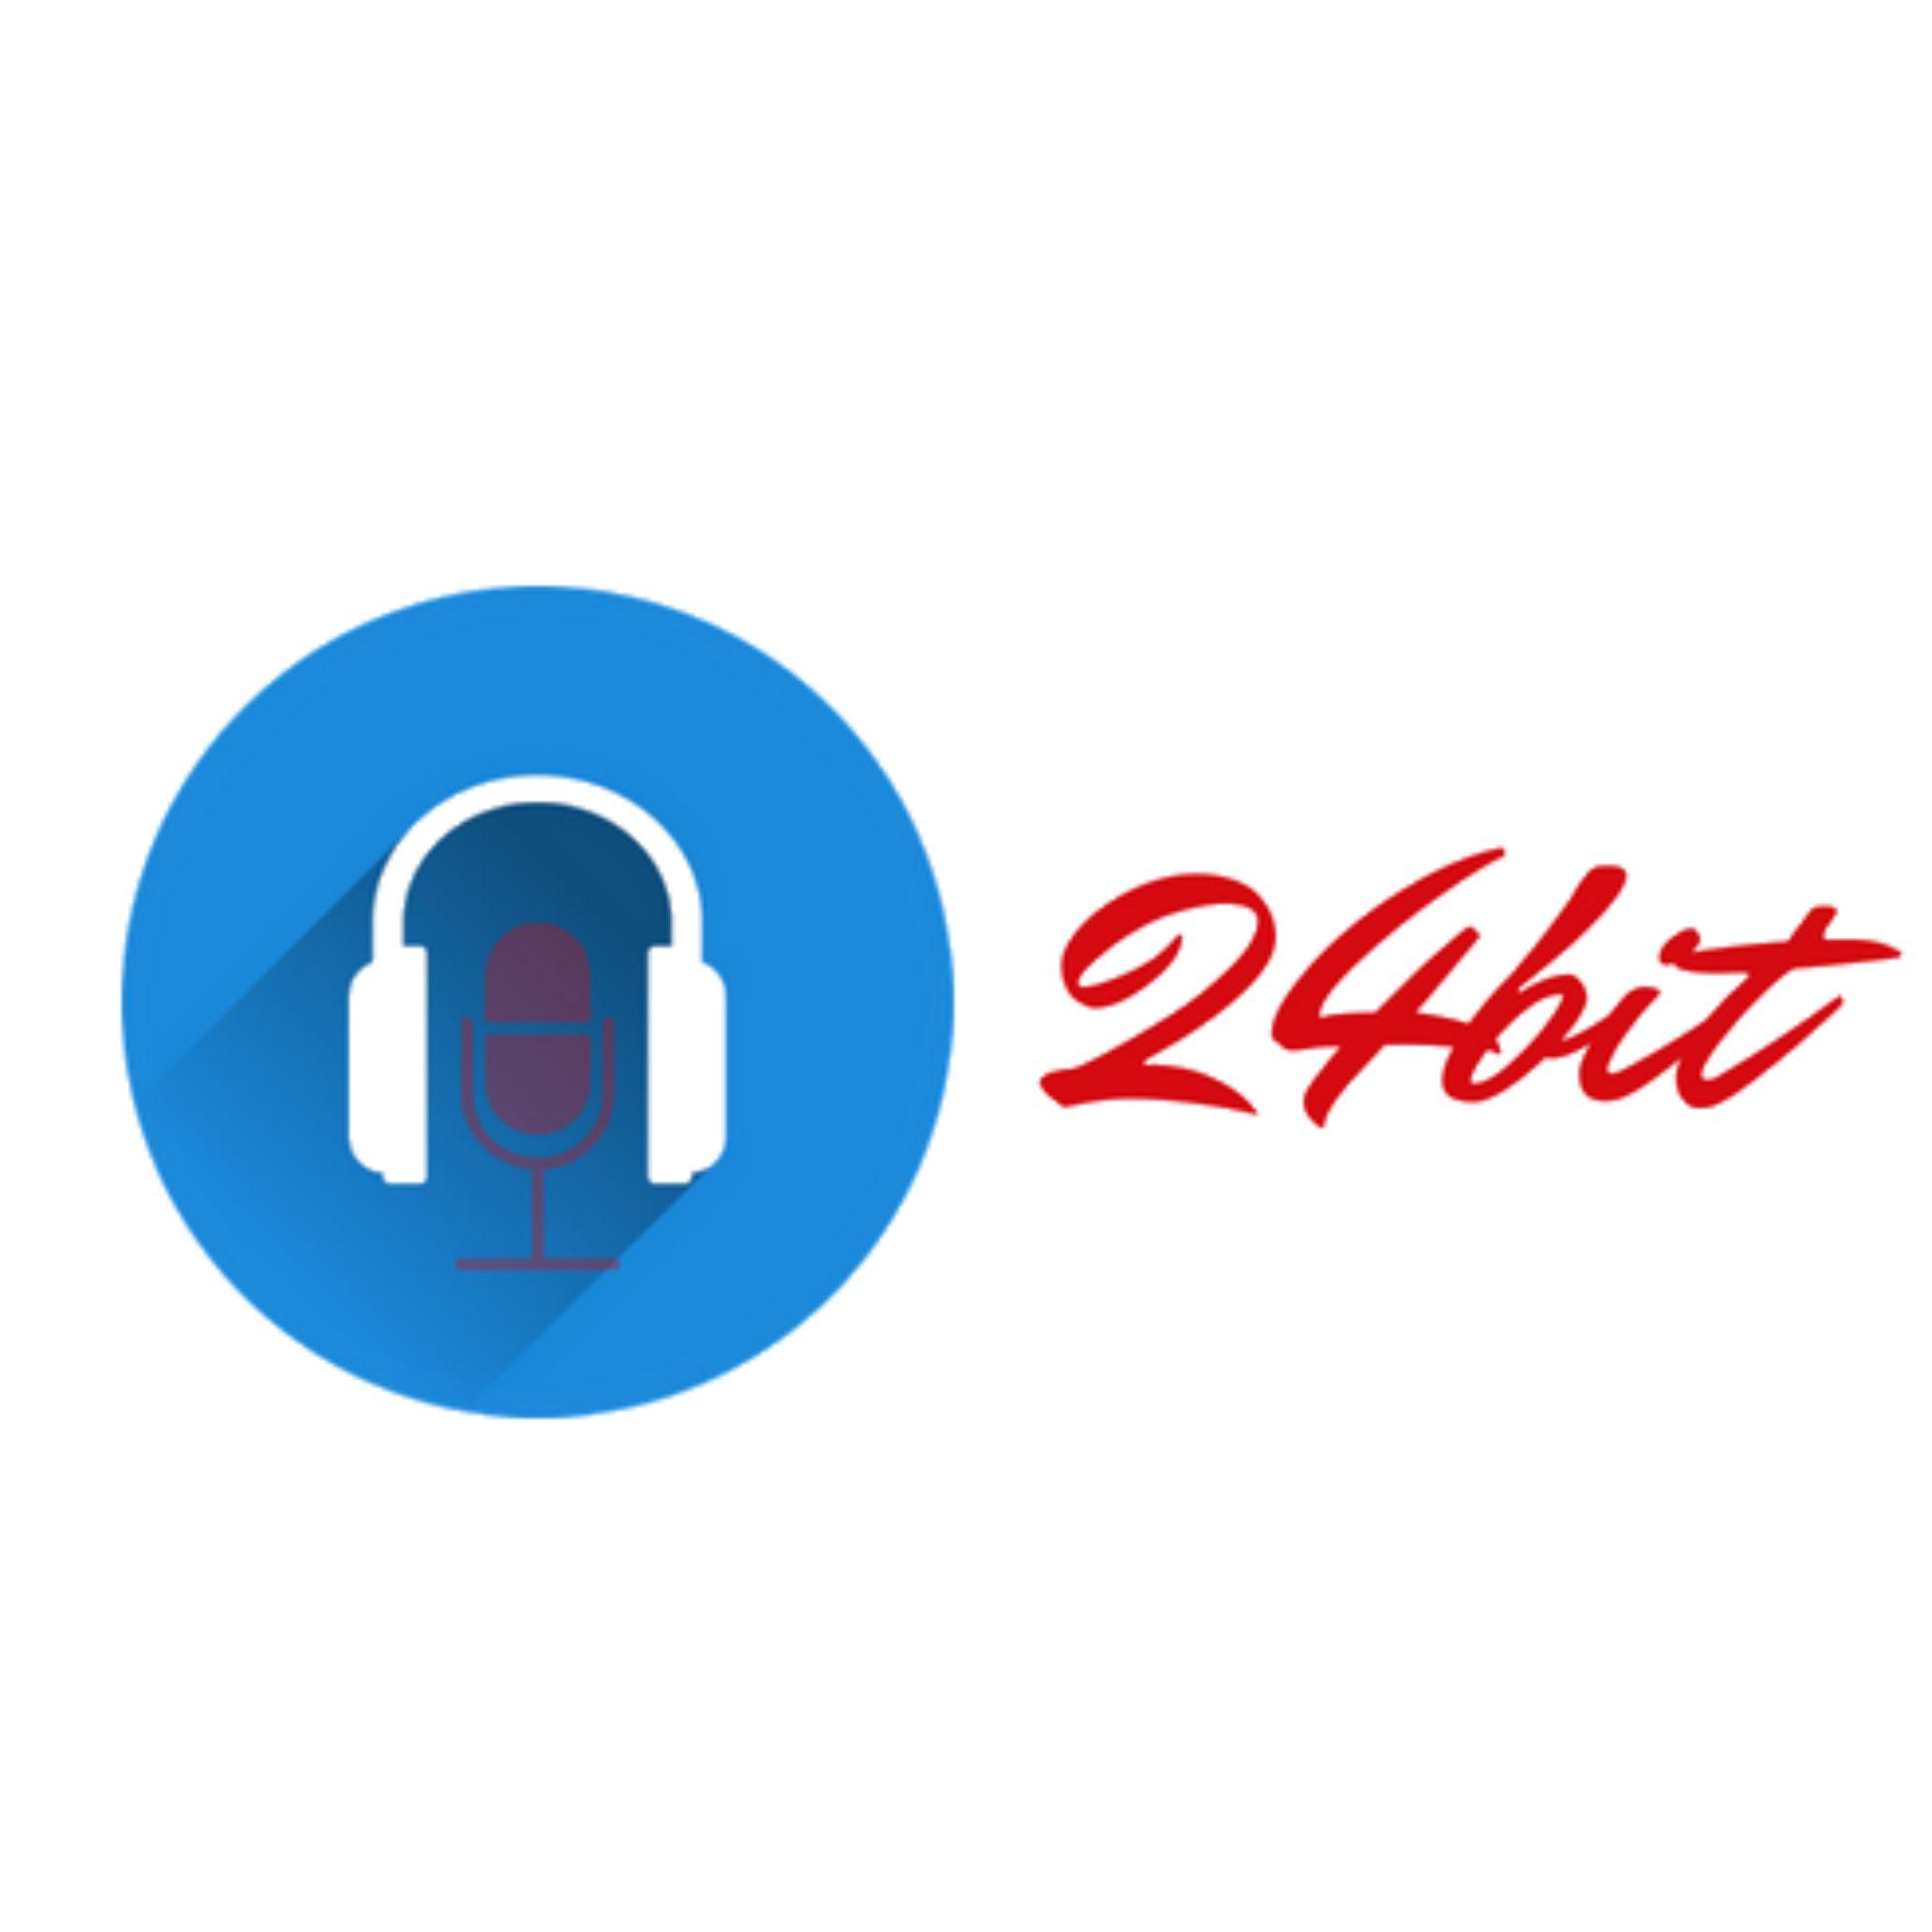 24Bit podcast